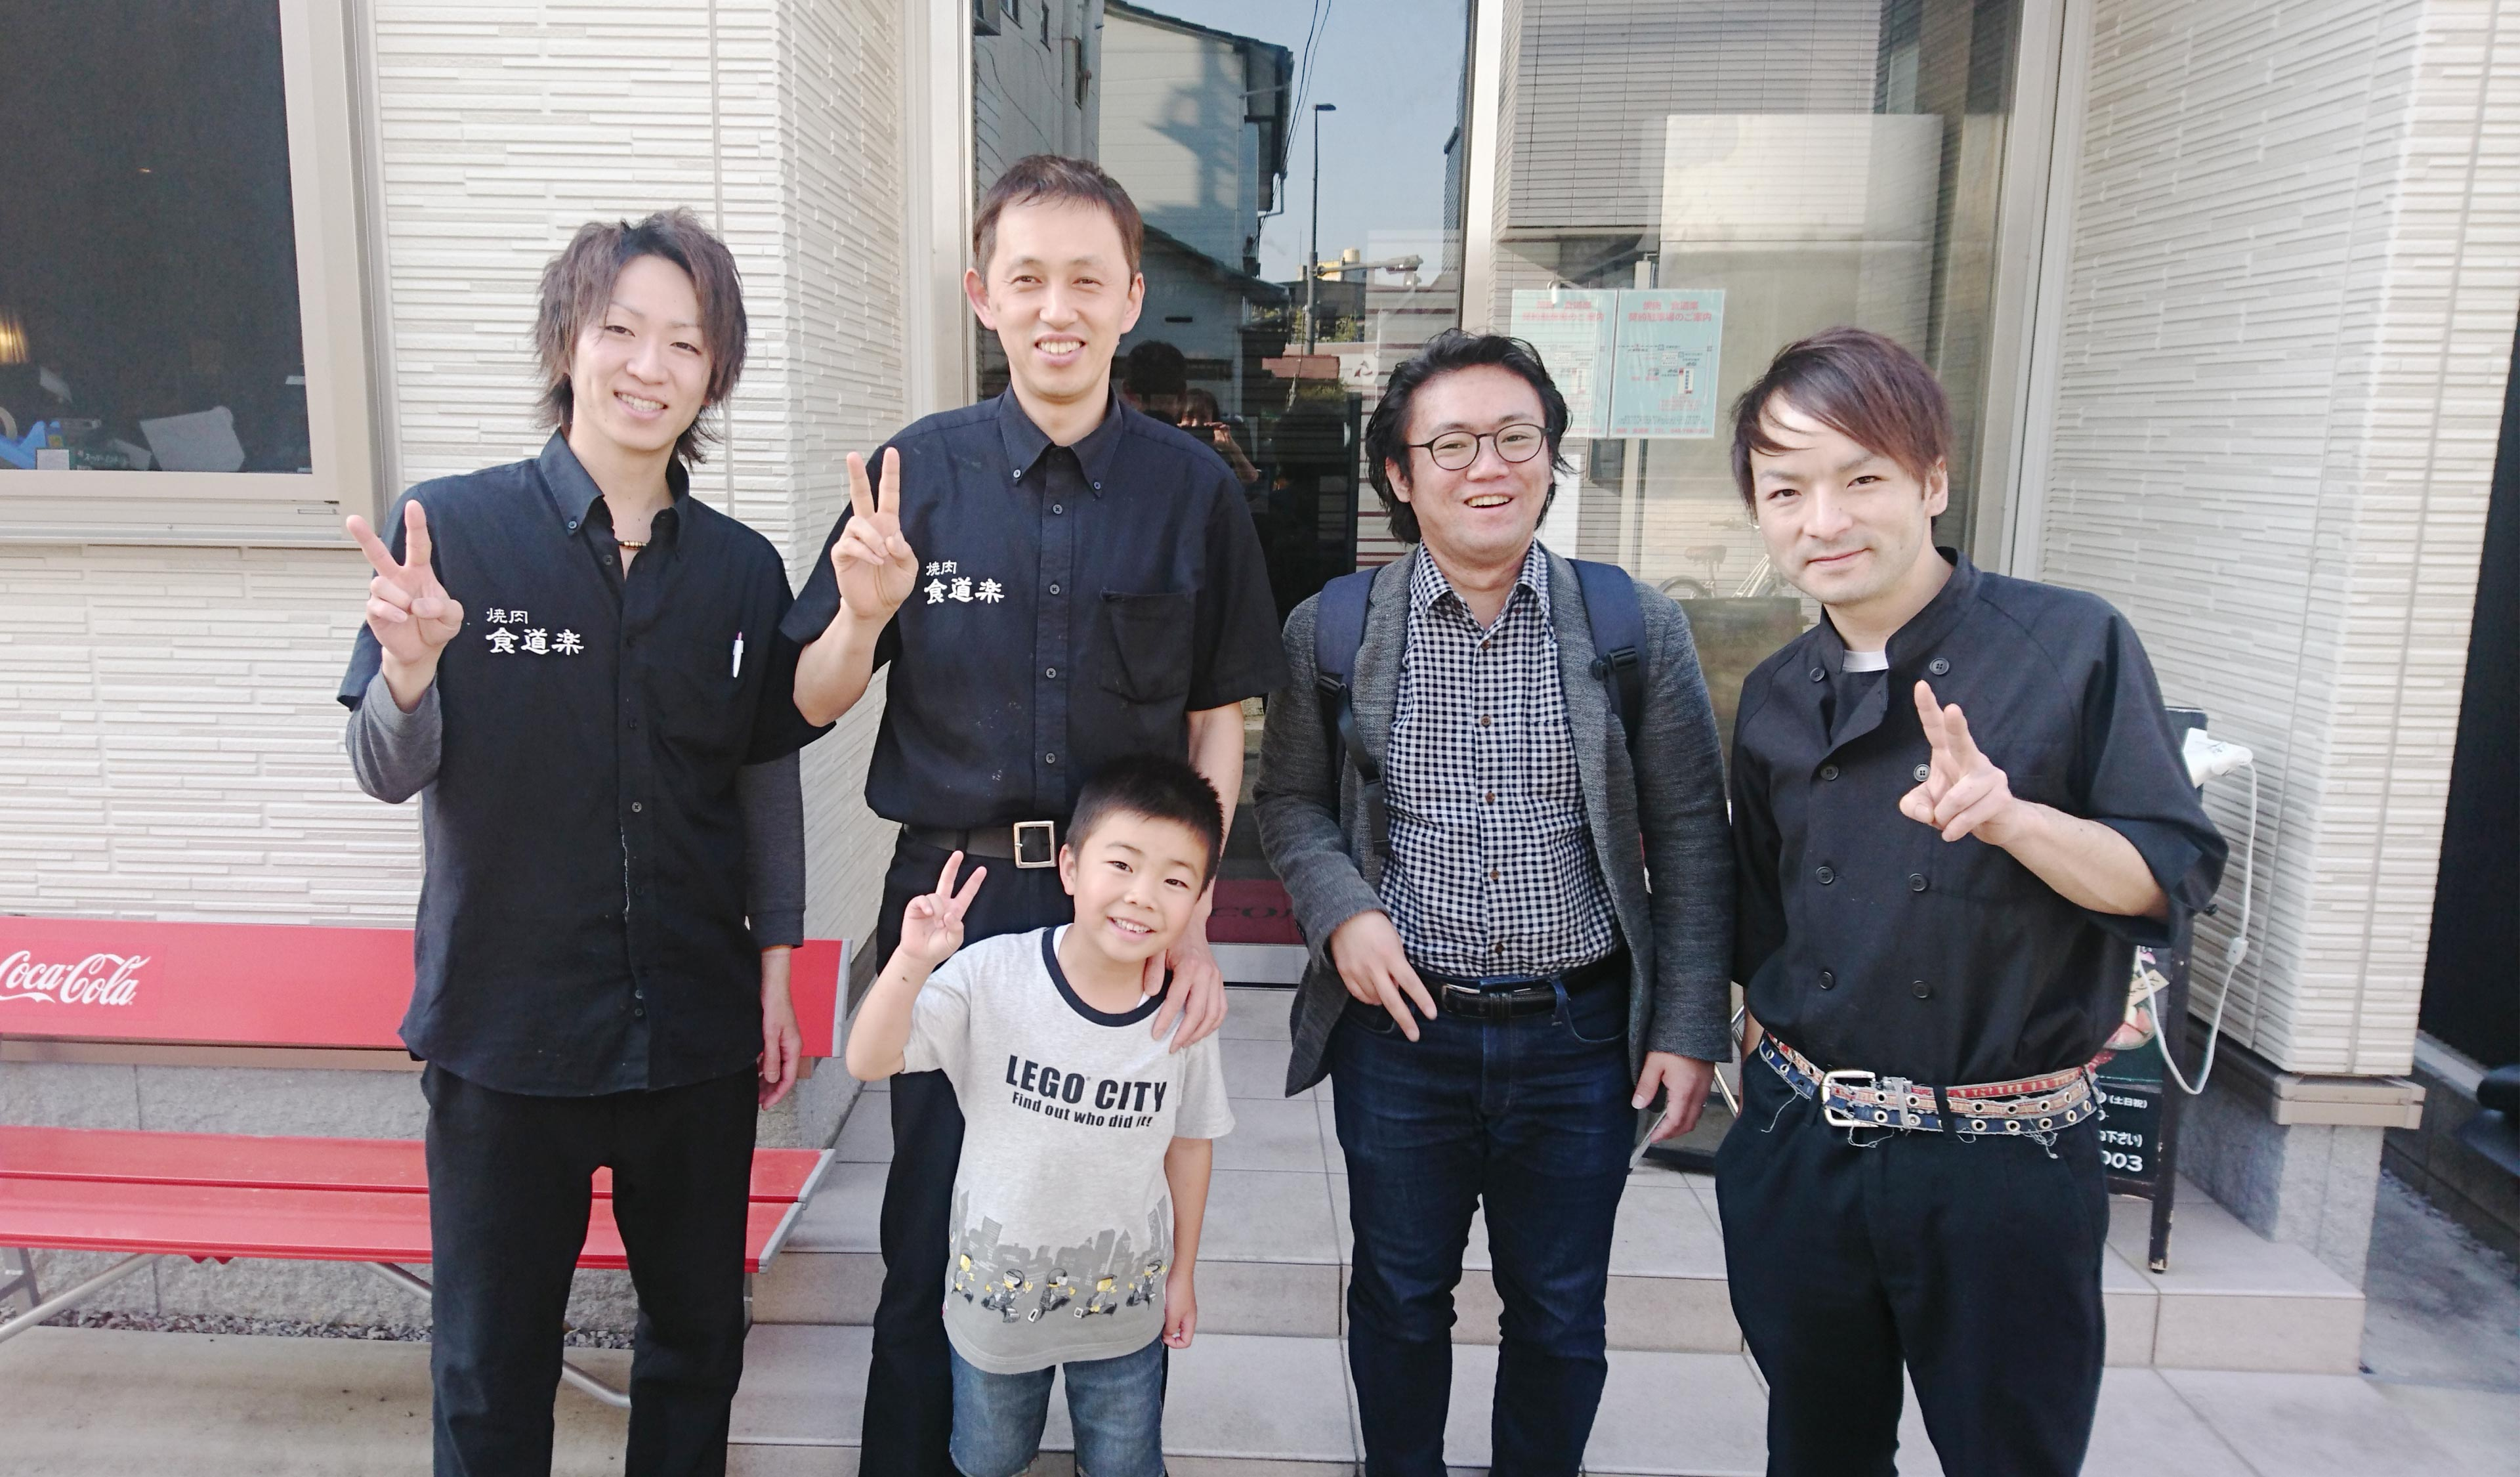 祝卒業-3年間を振り返って- 代表取締役 新井敏夫